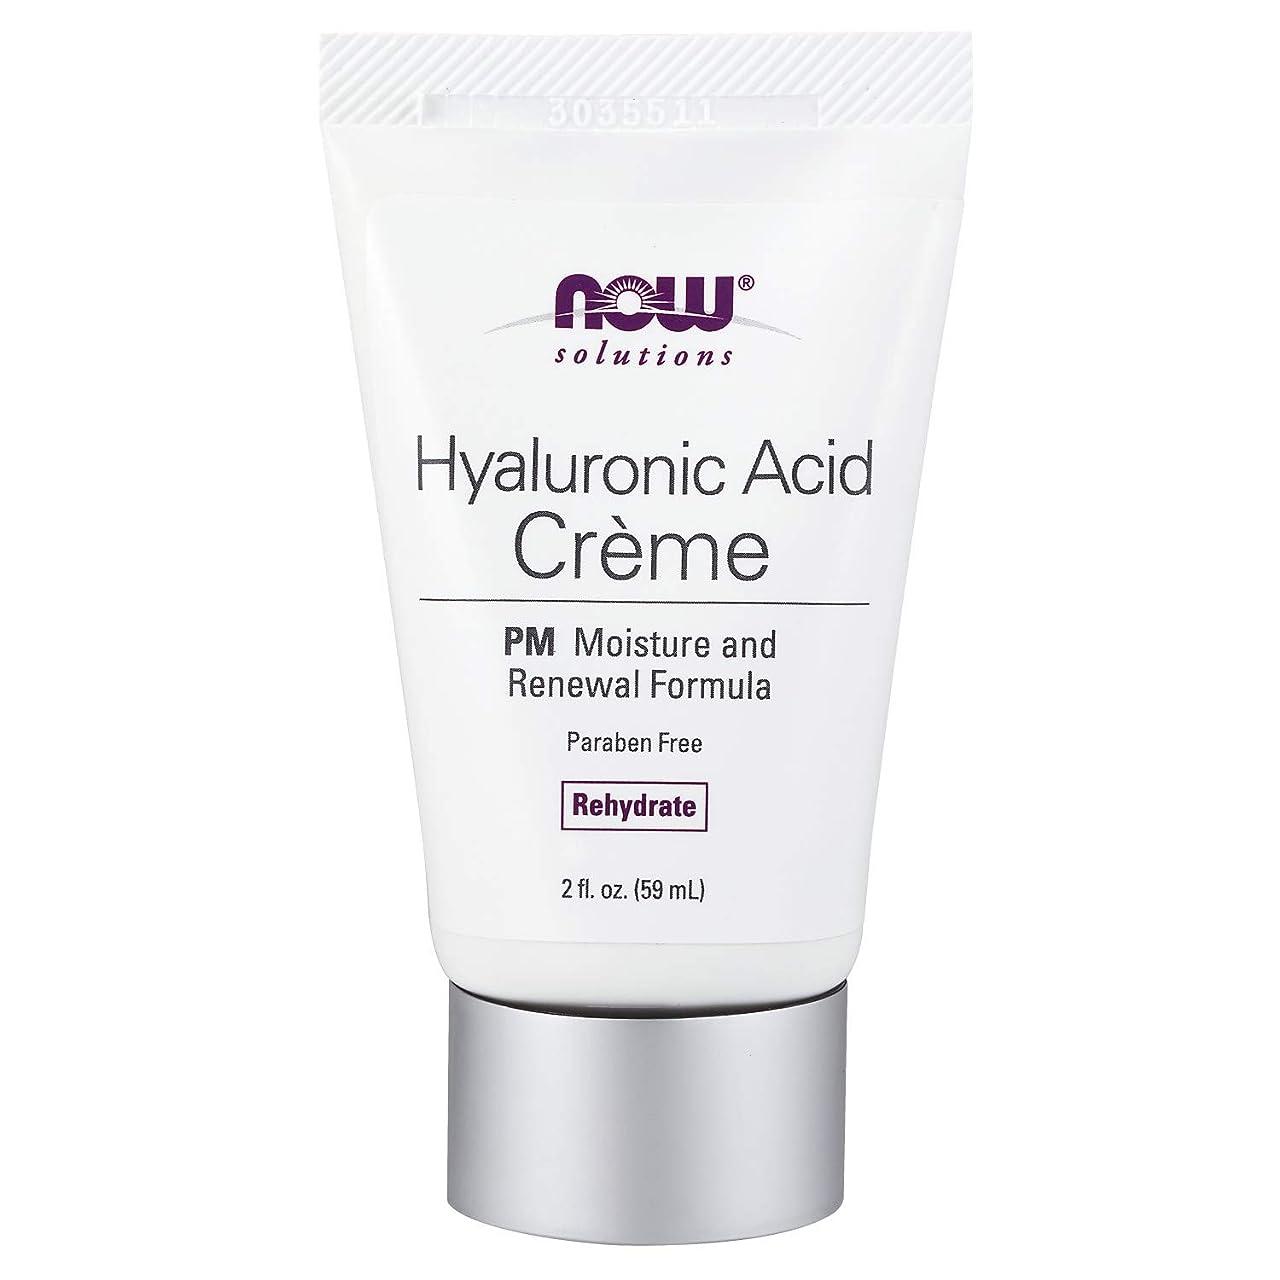 許可する優れましたチーズ海外直送品 Now Foods Hyaluronic Acid Creme, 2 oz tube